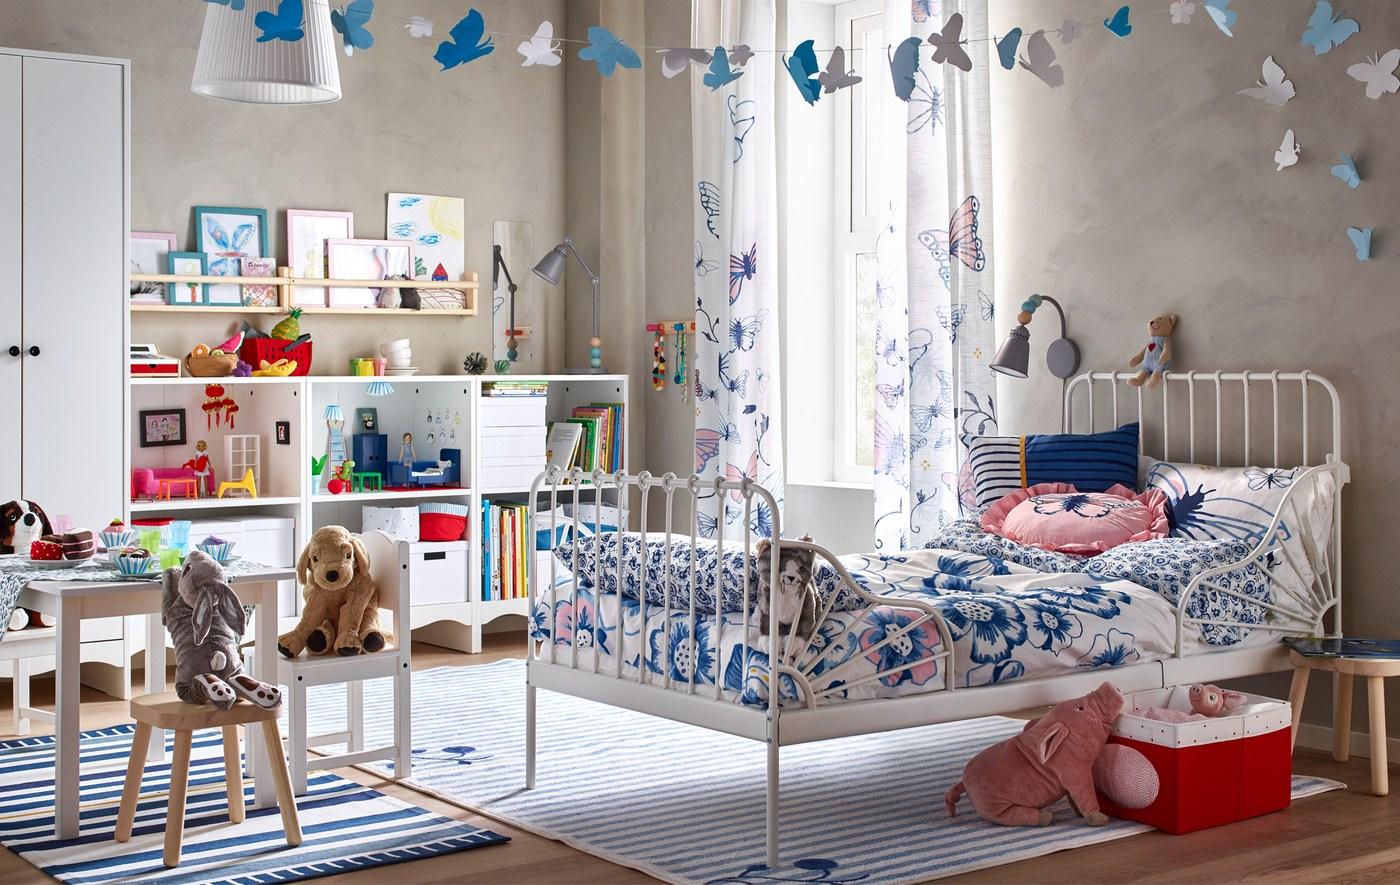 Chambre d'enfant, lit blanc, textiles à motif floral, minitable et chaises, et rangement rempli de livres, boîtes et jouets.